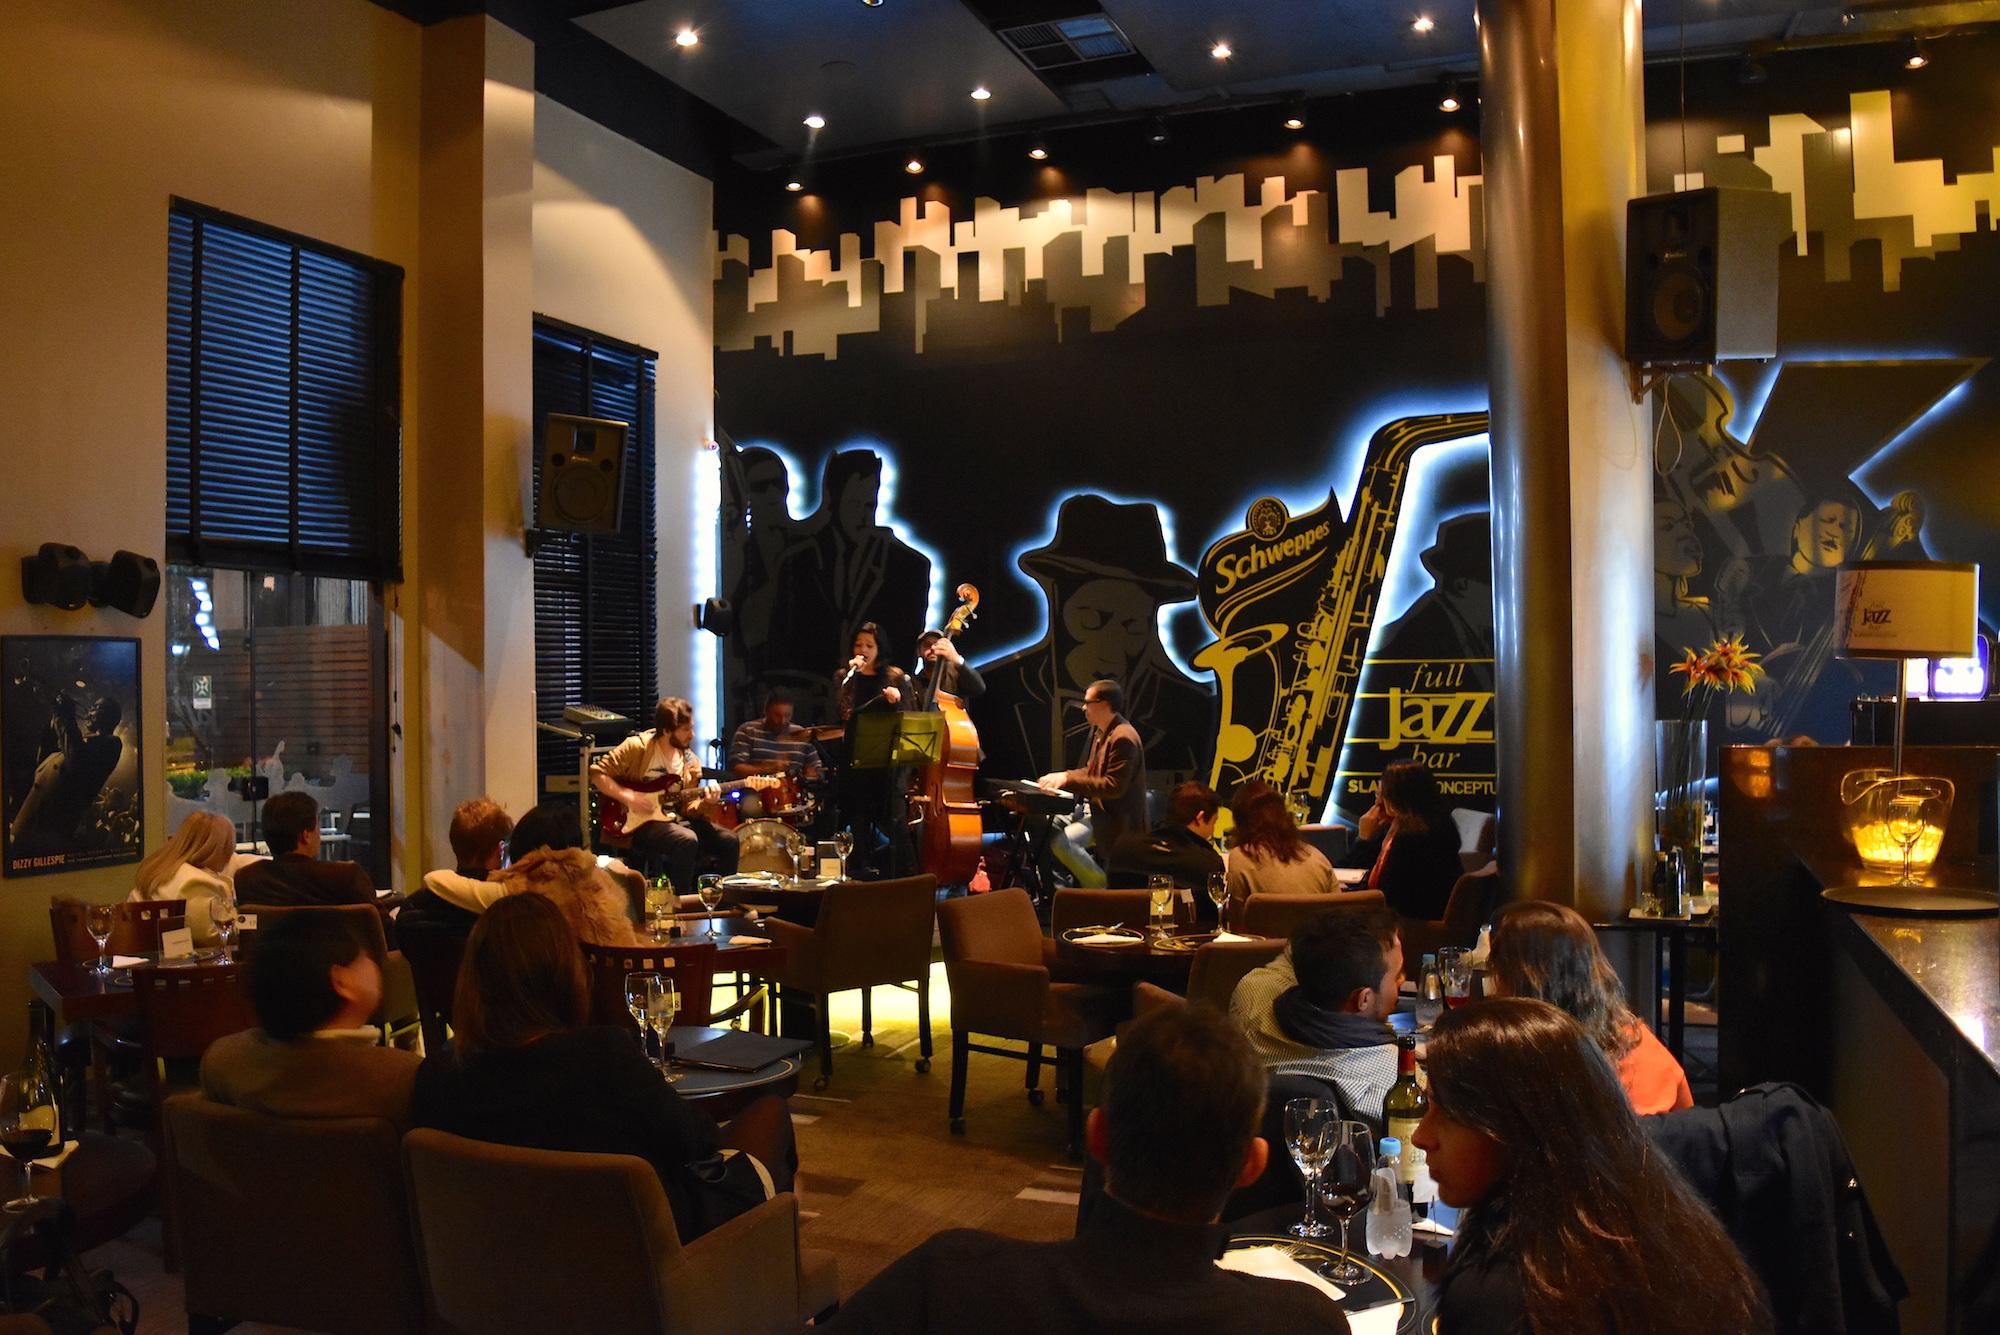 Lista: bares que ficam dentro de hotéis em Curitiba